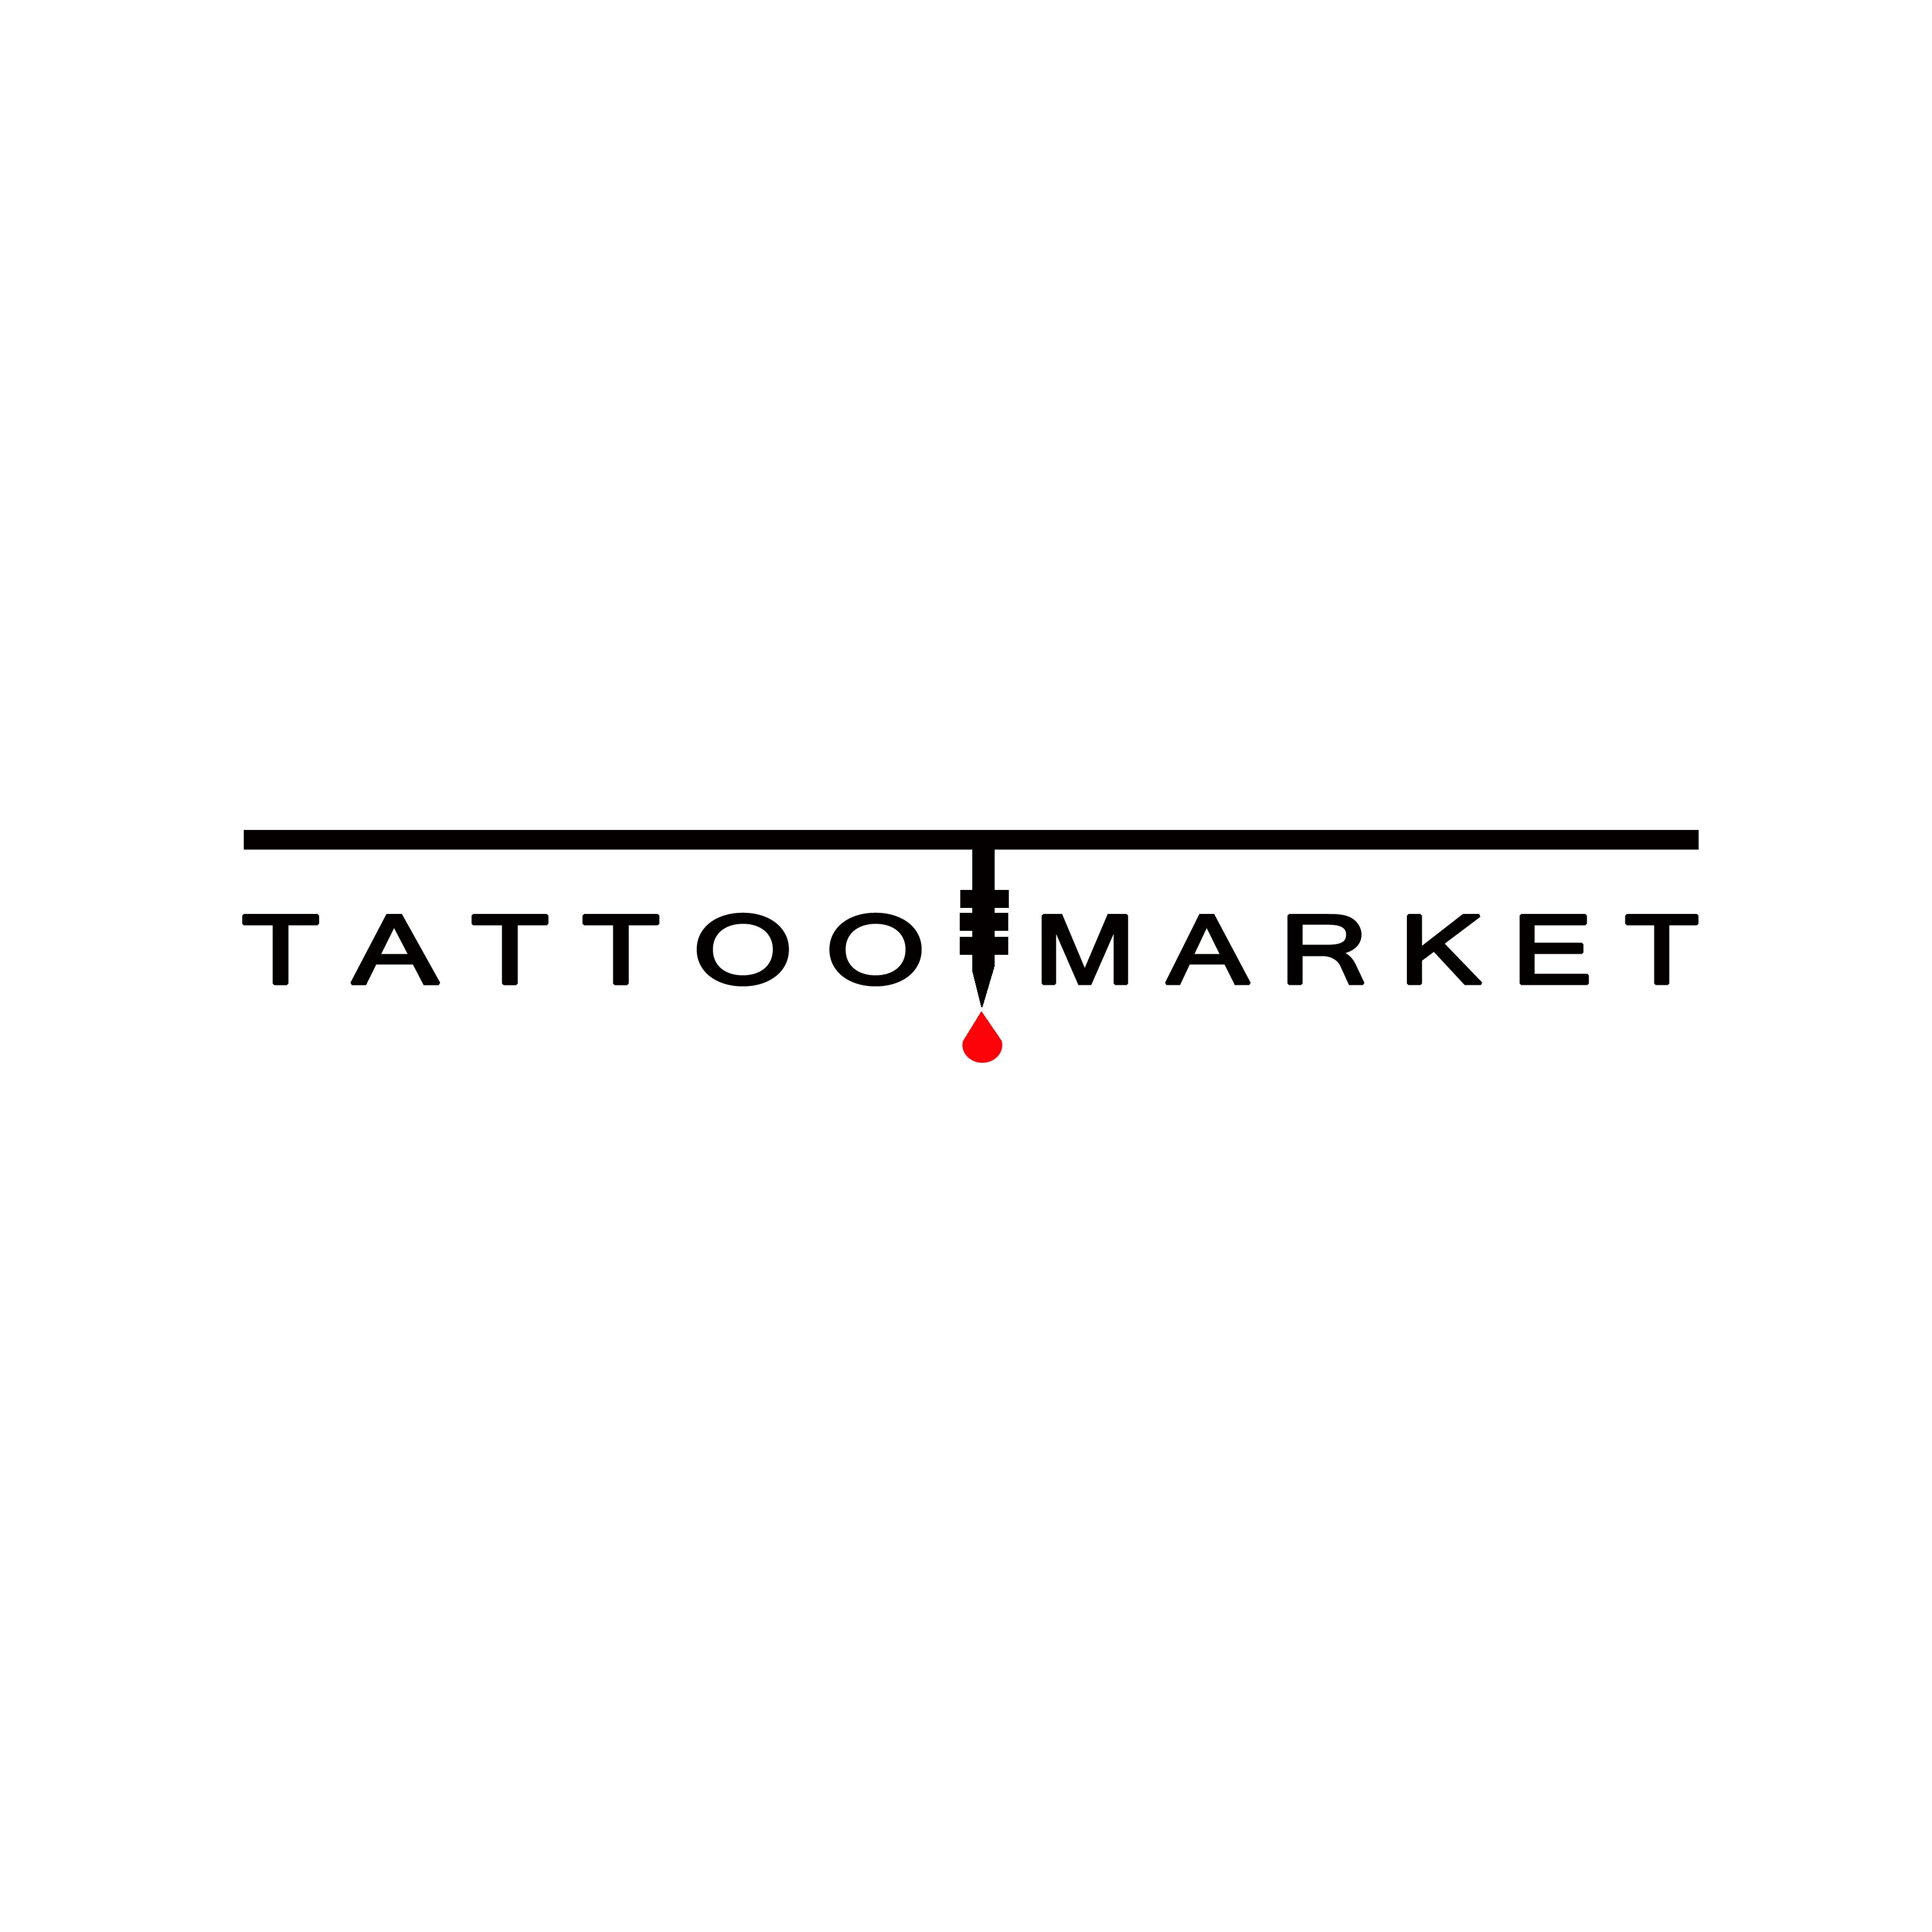 Редизайн логотипа магазина тату оборудования TattooMarket.ru фото f_5745c3e6e31dae5f.jpg